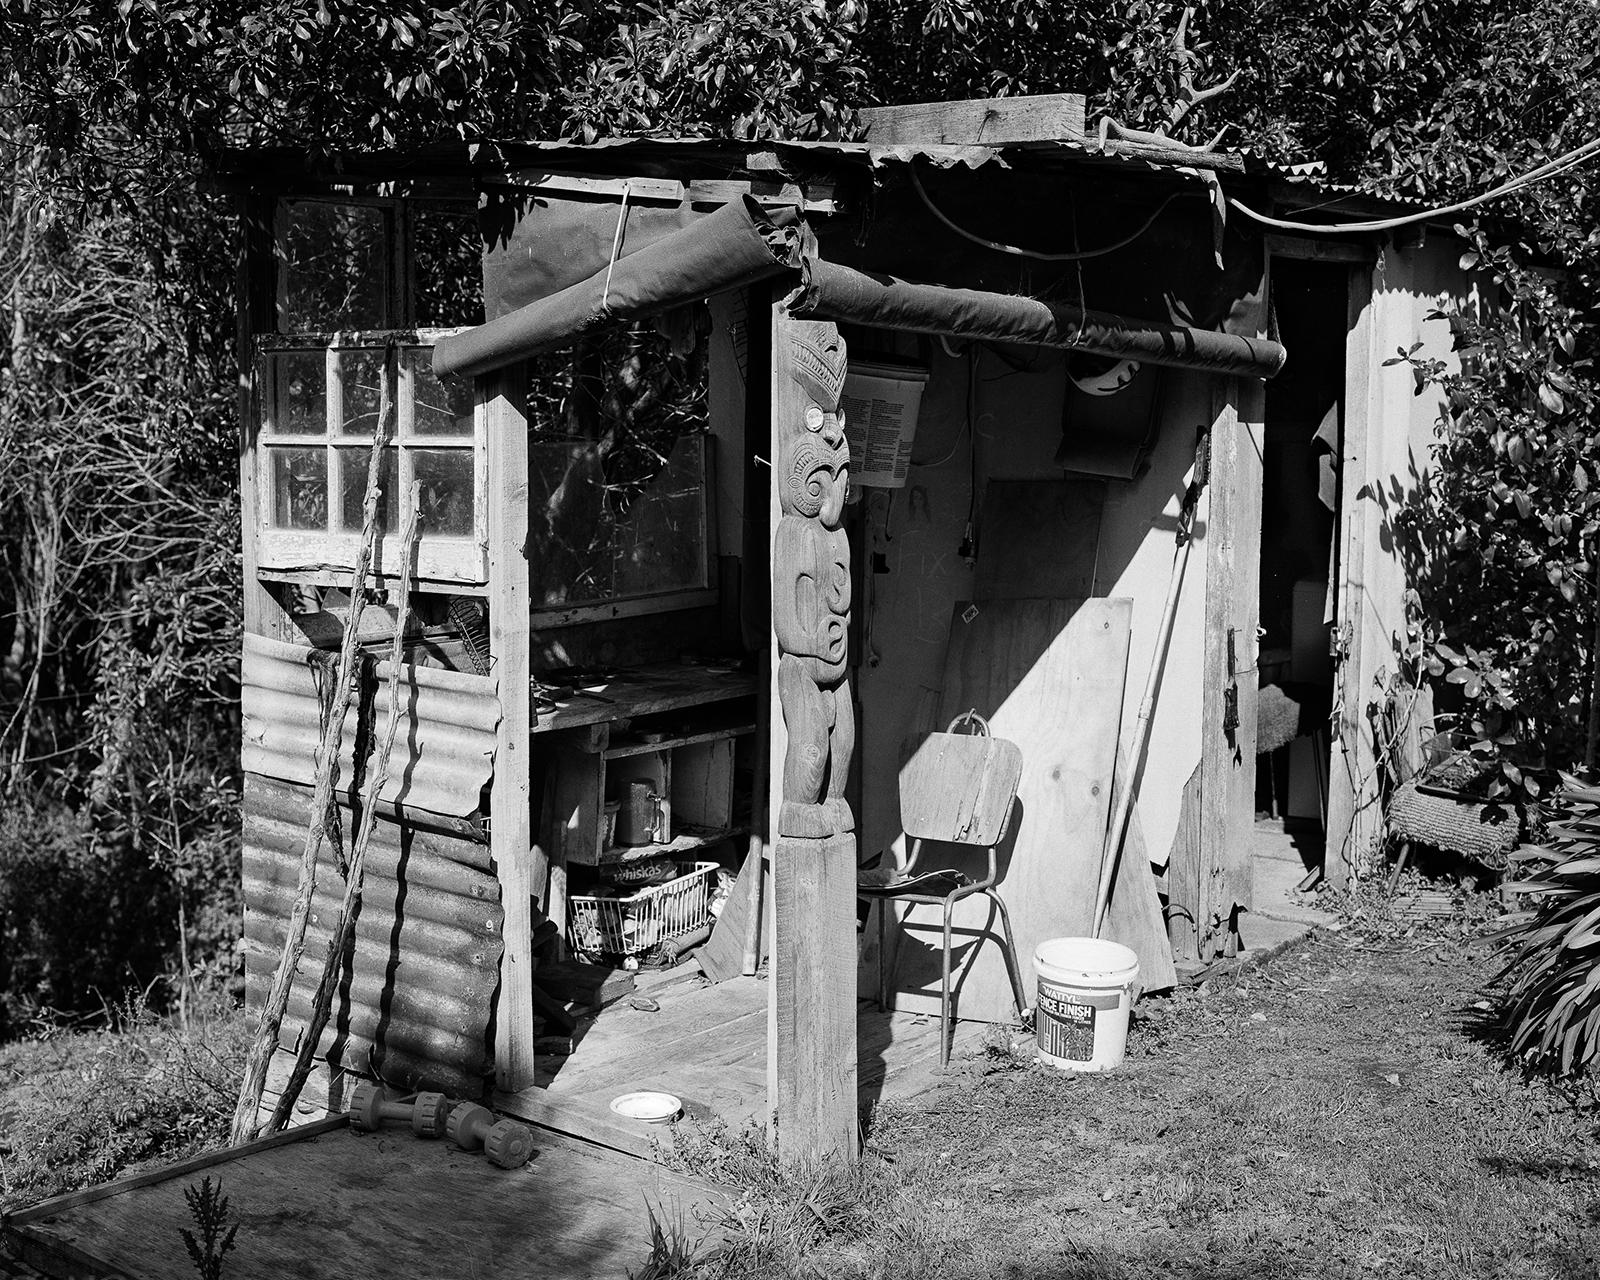 Ellie Waters,  Carving Hut in Rewi Couch's Garden  from  Ko te whanga ko au; Ko au ko te whanga .